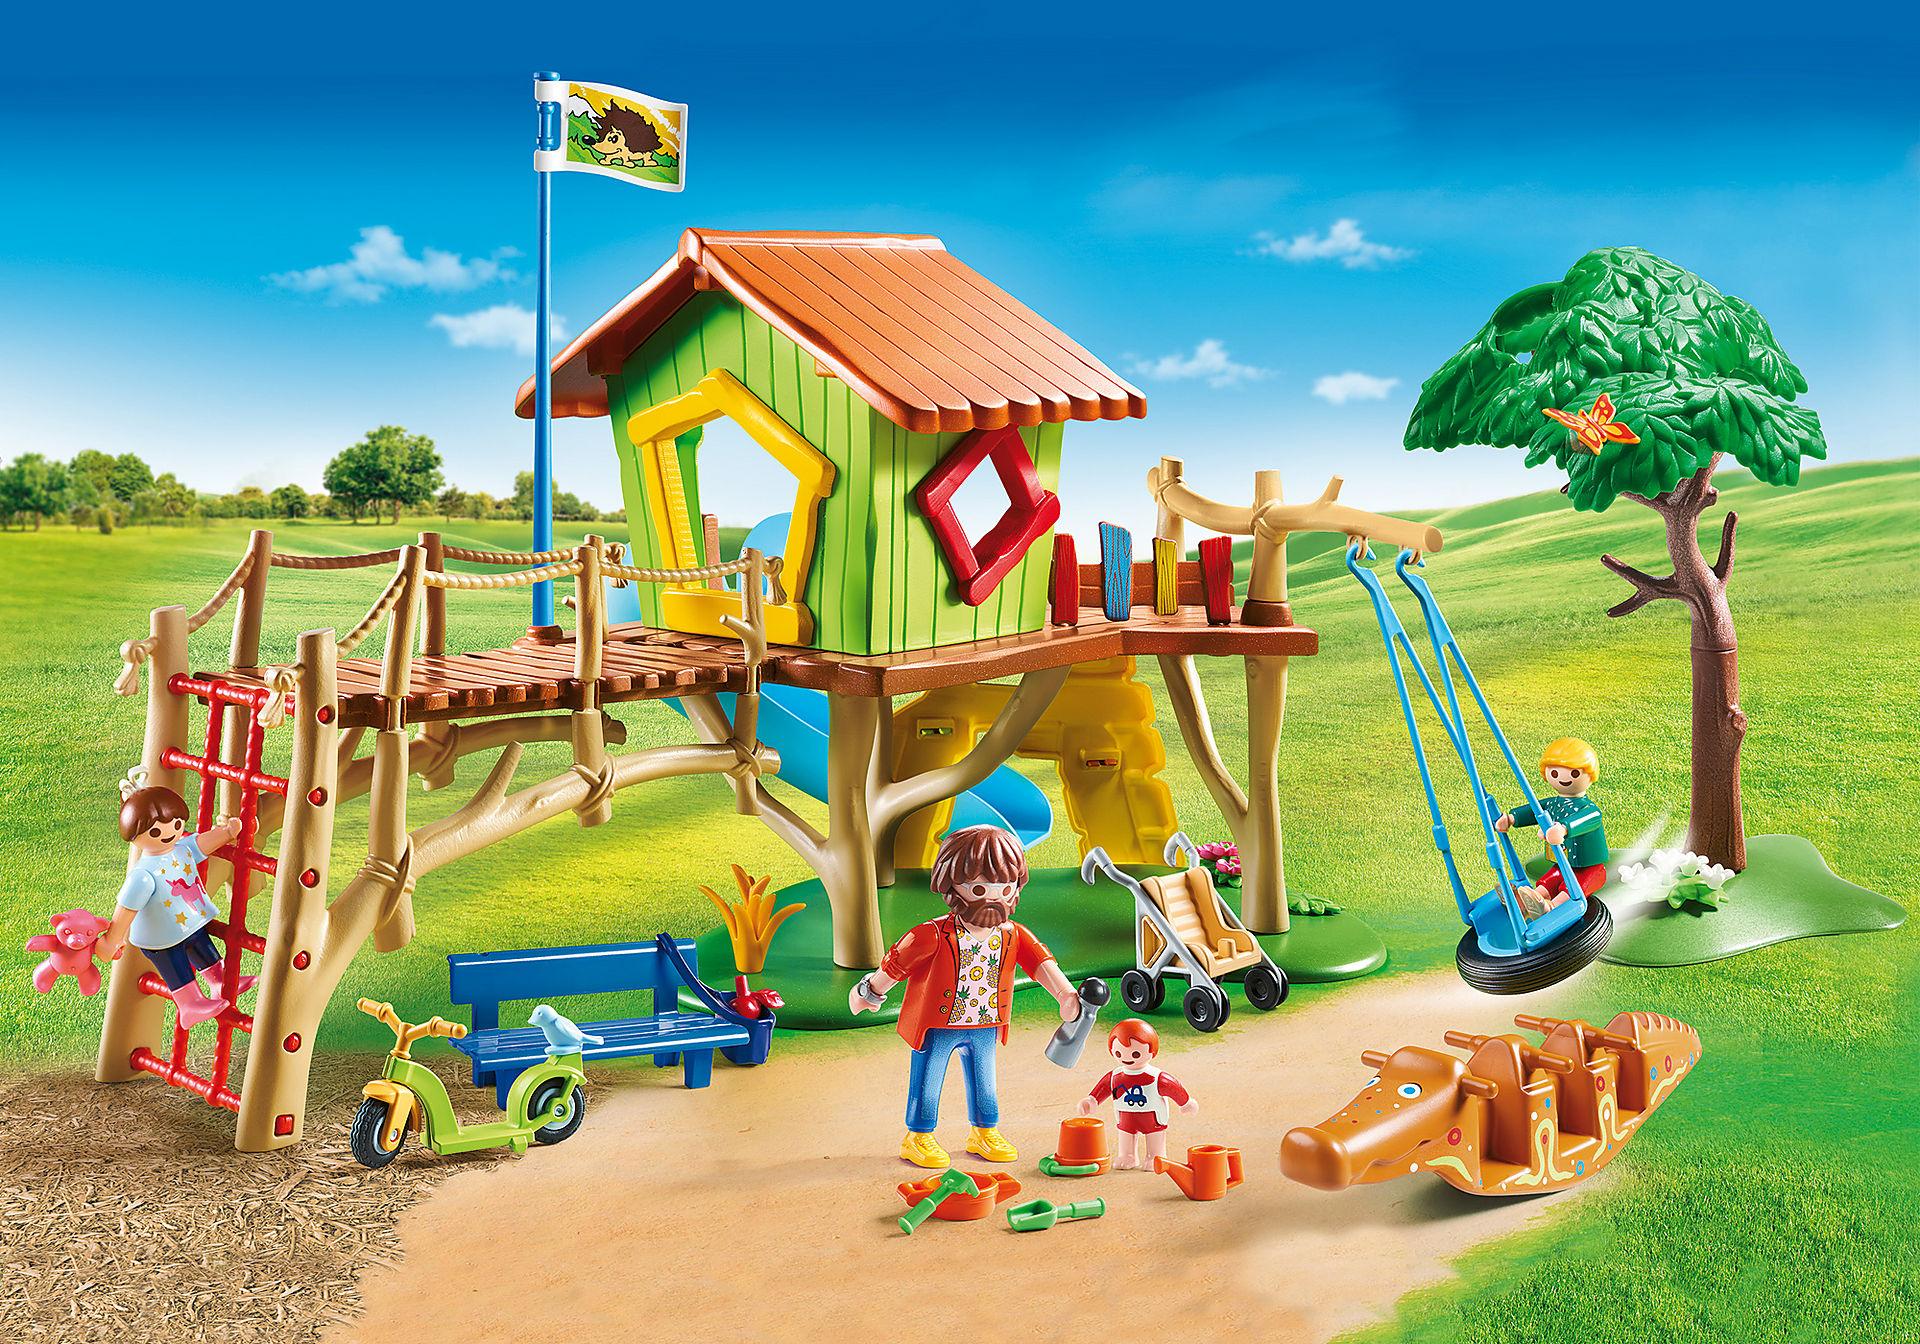 70281 Parque Infantil de Aventura zoom image1